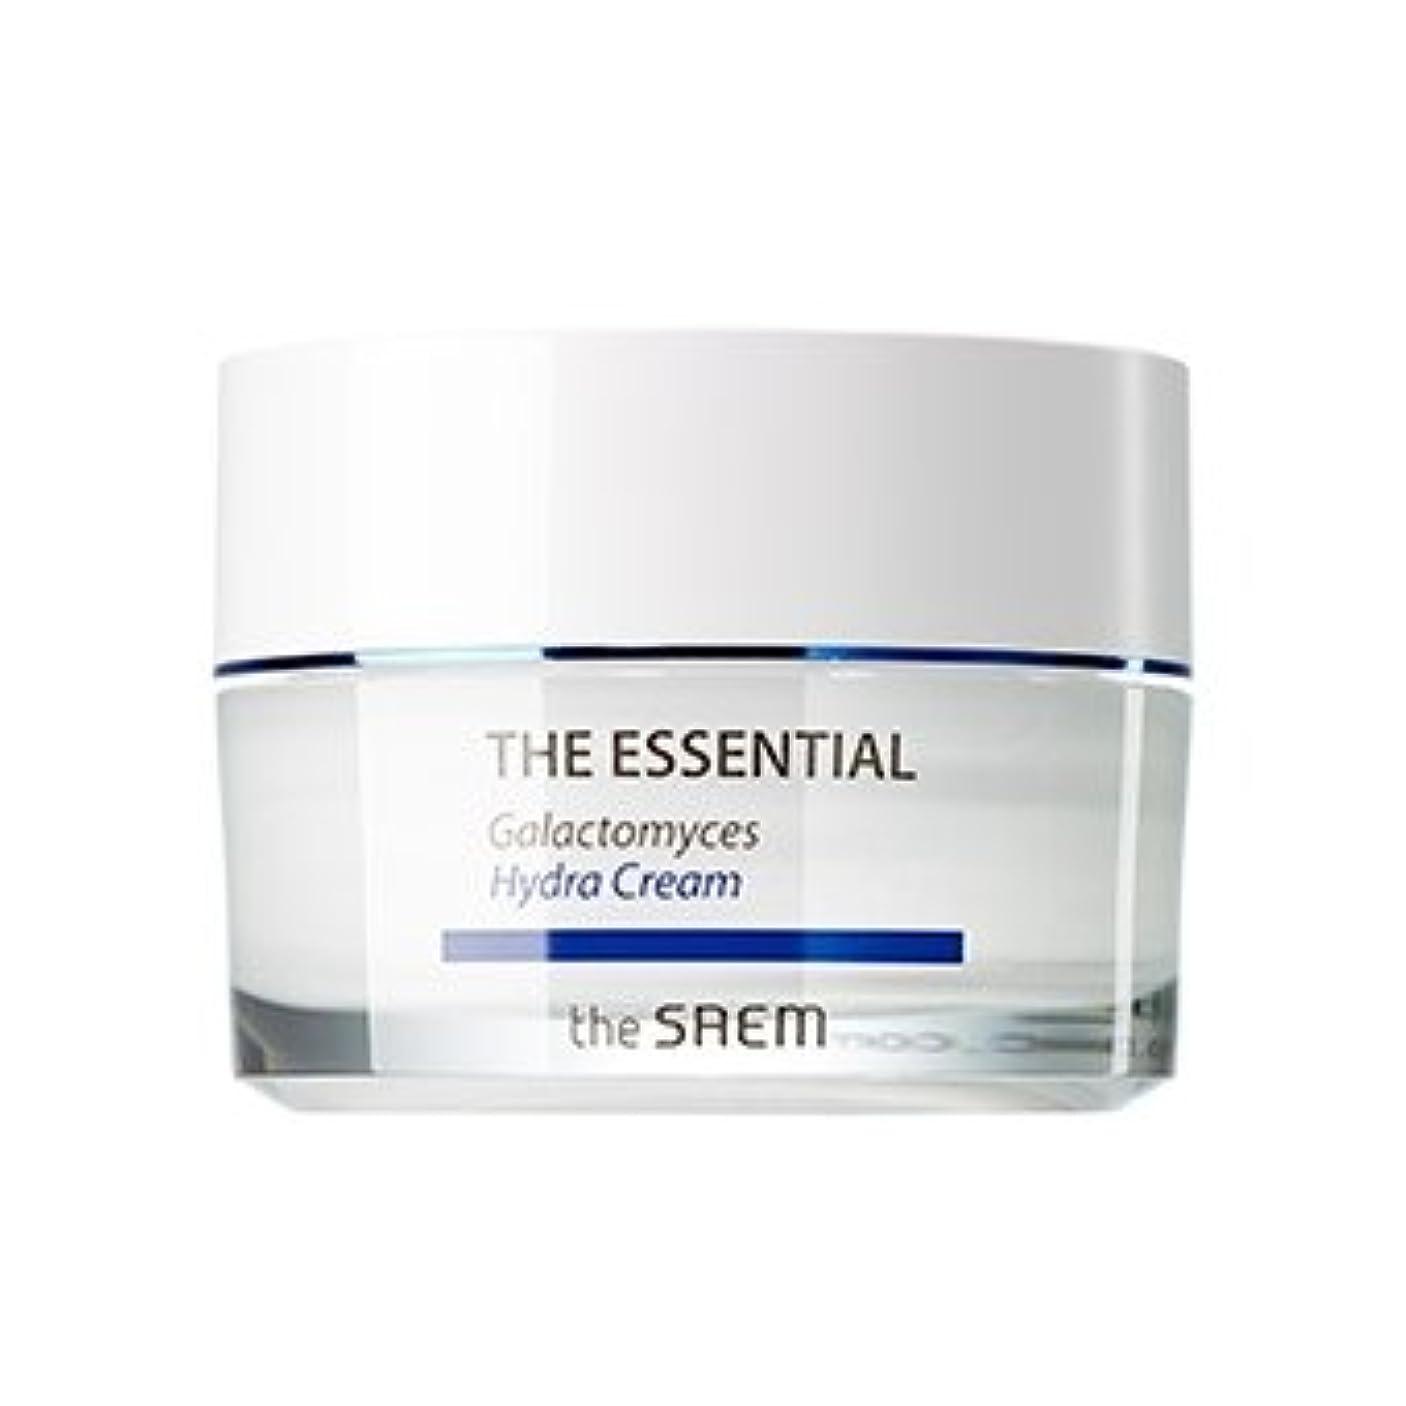 前述のオール比較the SAEM The Essential Galactomyces Hydra Cream 50ml/ザセム ザ エッセンシャル ガラクトミセス ハイドラ クリーム 50ml [並行輸入品]